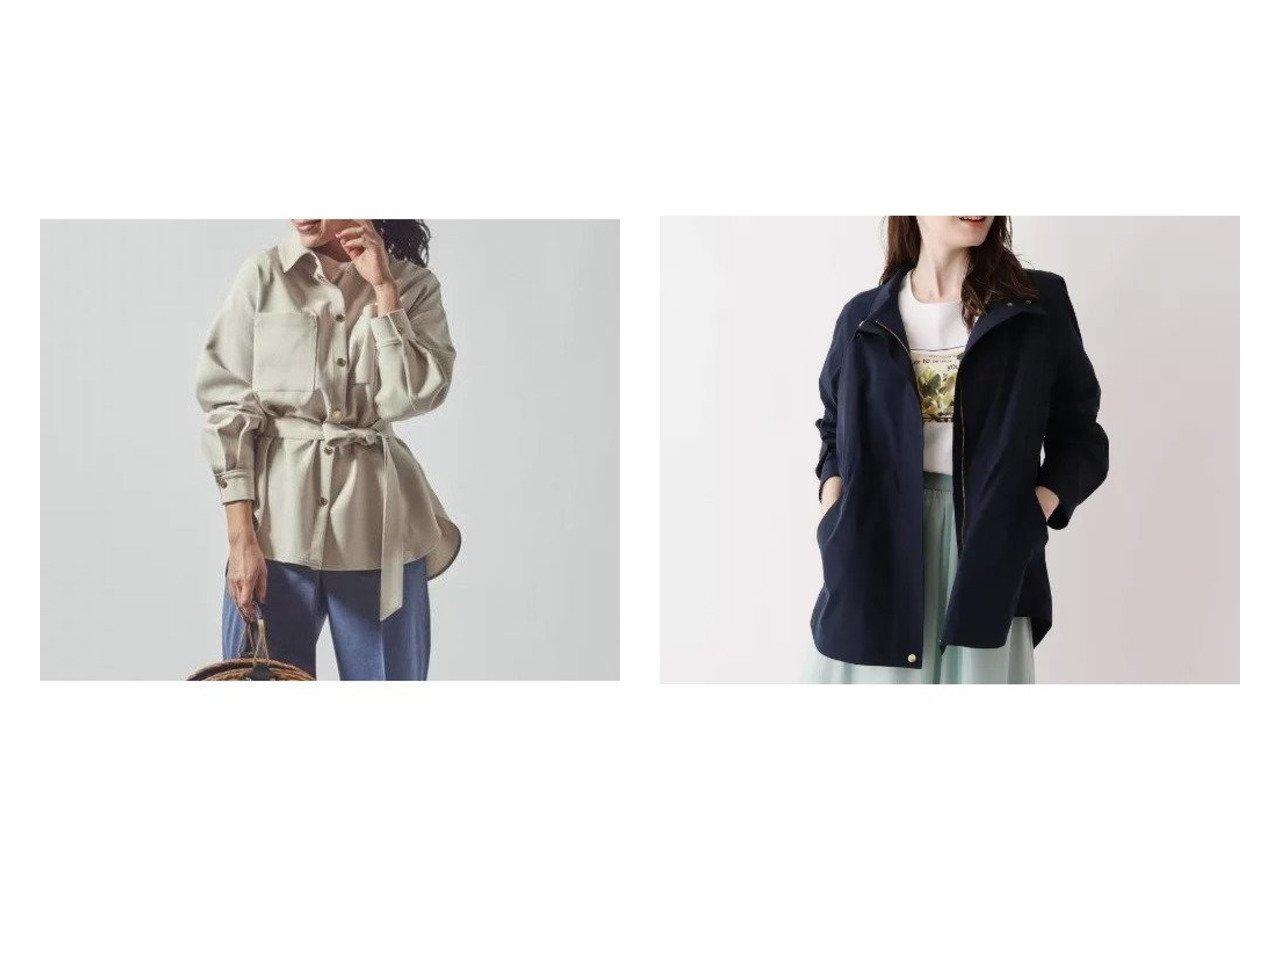 【SOUP/スープ】のベンタイルシェイプジャケット&【Viaggio Blu/ビアッジョブルー】のウエストベルト付きダブルクロスCPOジャケット 【アウター】おすすめ!人気、トレンド・レディースファッションの通販 おすすめで人気の流行・トレンド、ファッションの通販商品 メンズファッション・キッズファッション・インテリア・家具・レディースファッション・服の通販 founy(ファニー) https://founy.com/ ファッション Fashion レディースファッション WOMEN アウター Coat Outerwear ジャケット Jackets ベルト Belts ブルゾン Blouson/Jackets ジャケット ダブル ボトム おすすめ Recommend インナー シェイプ スポーティ パープル ブルゾン ポケット |ID:crp329100000028575